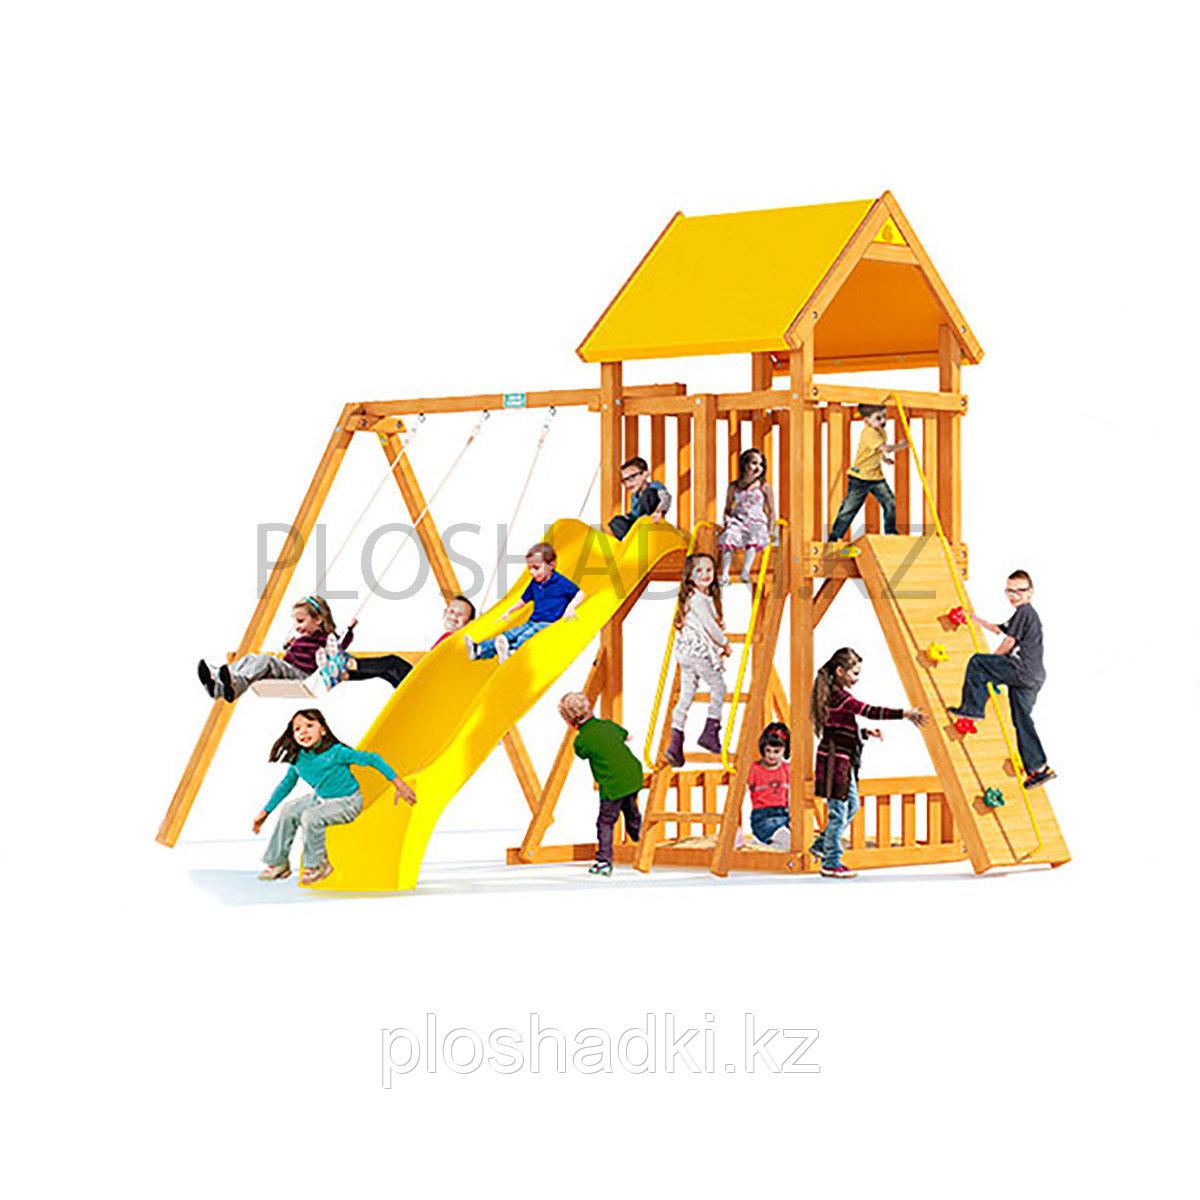 Детская площадка «Рим»